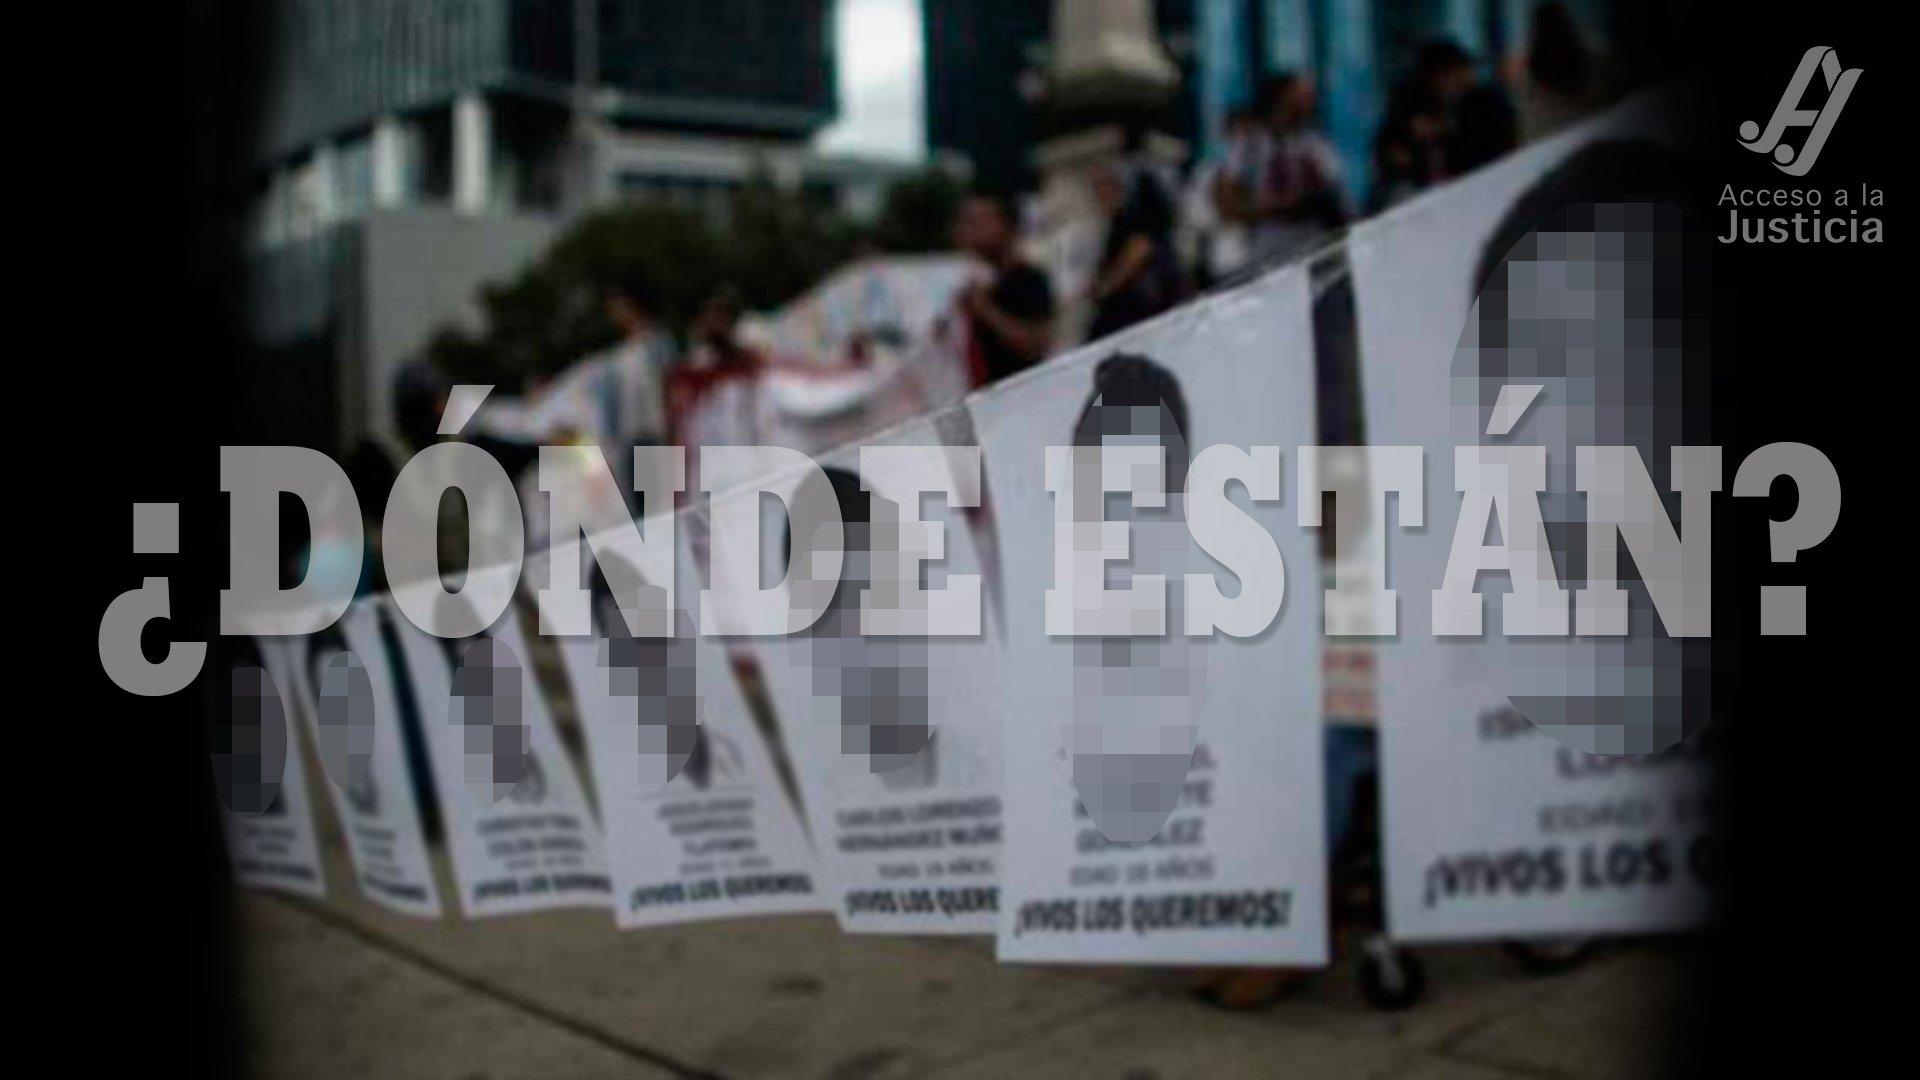 La impunidad reina en delitos de desaparición forzosa en Venezuela